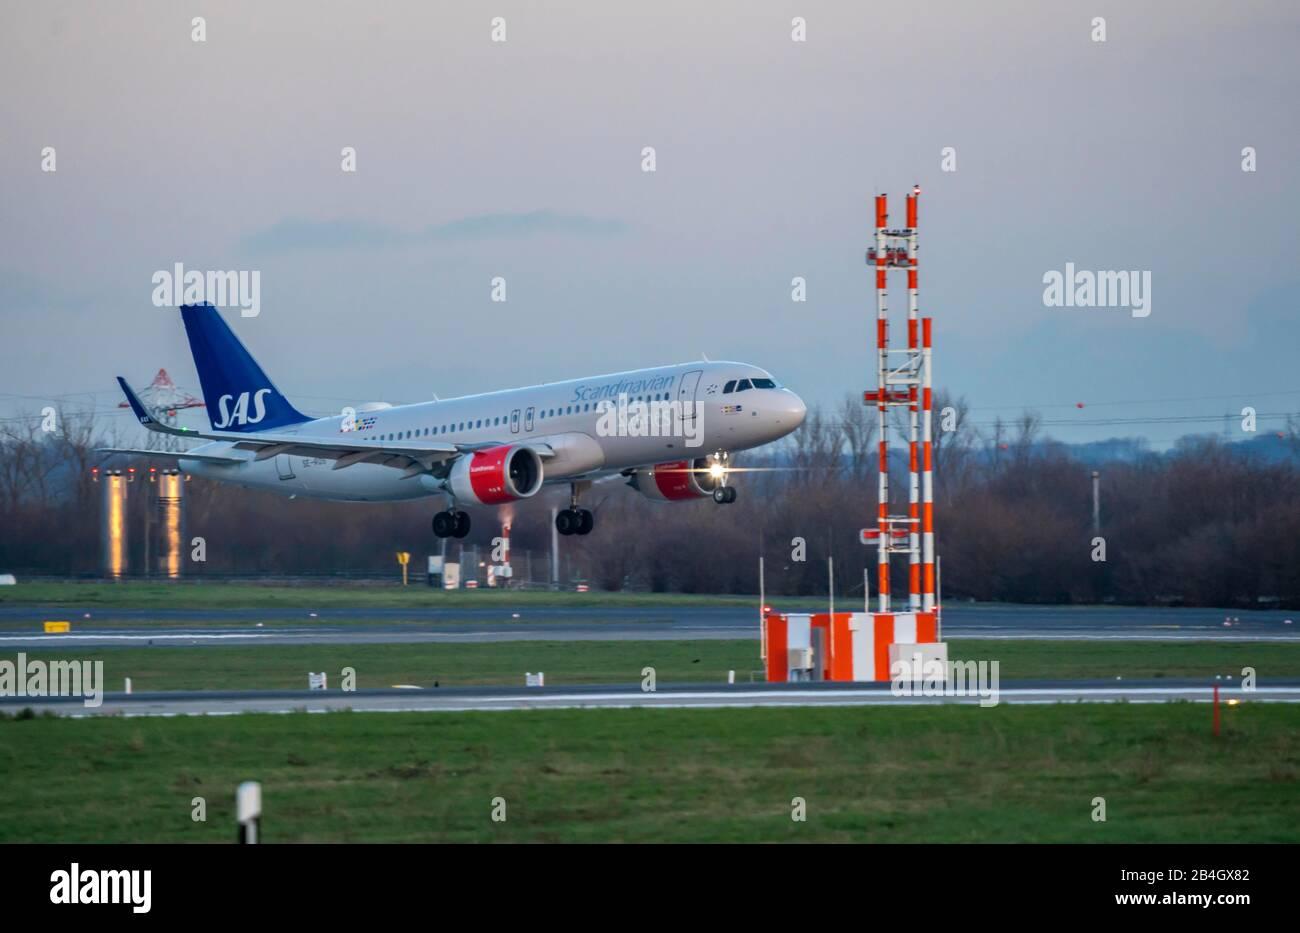 Aeropuerto Internacional de DŸsseldorf, DUS, avión en aterrizaje, SAS, Airbus A320 Foto de stock